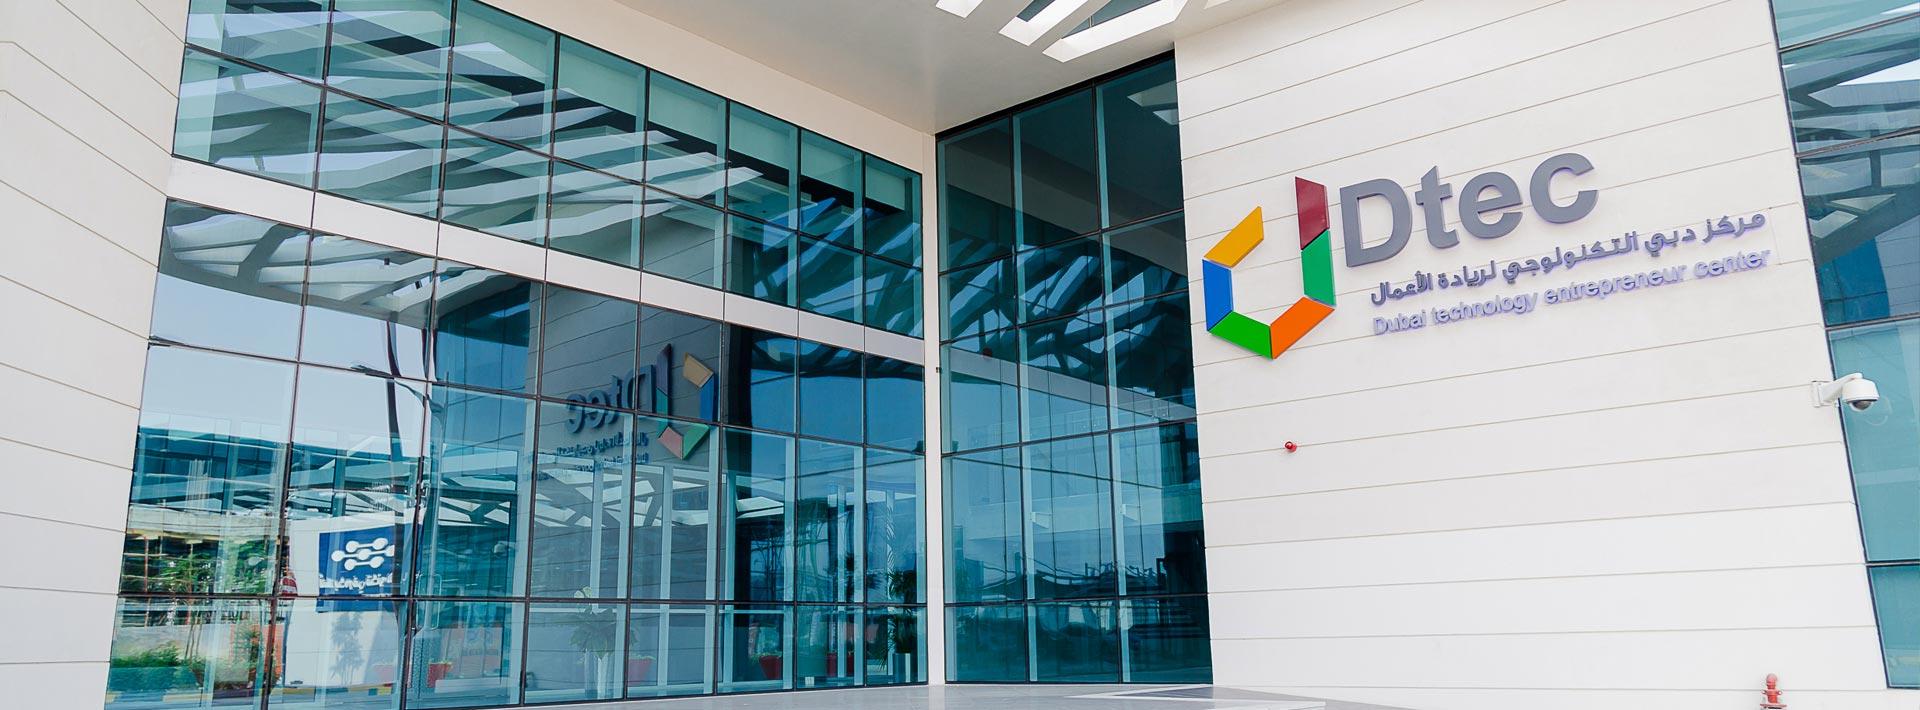 Dtec | Dubai technology entrepreneur campus